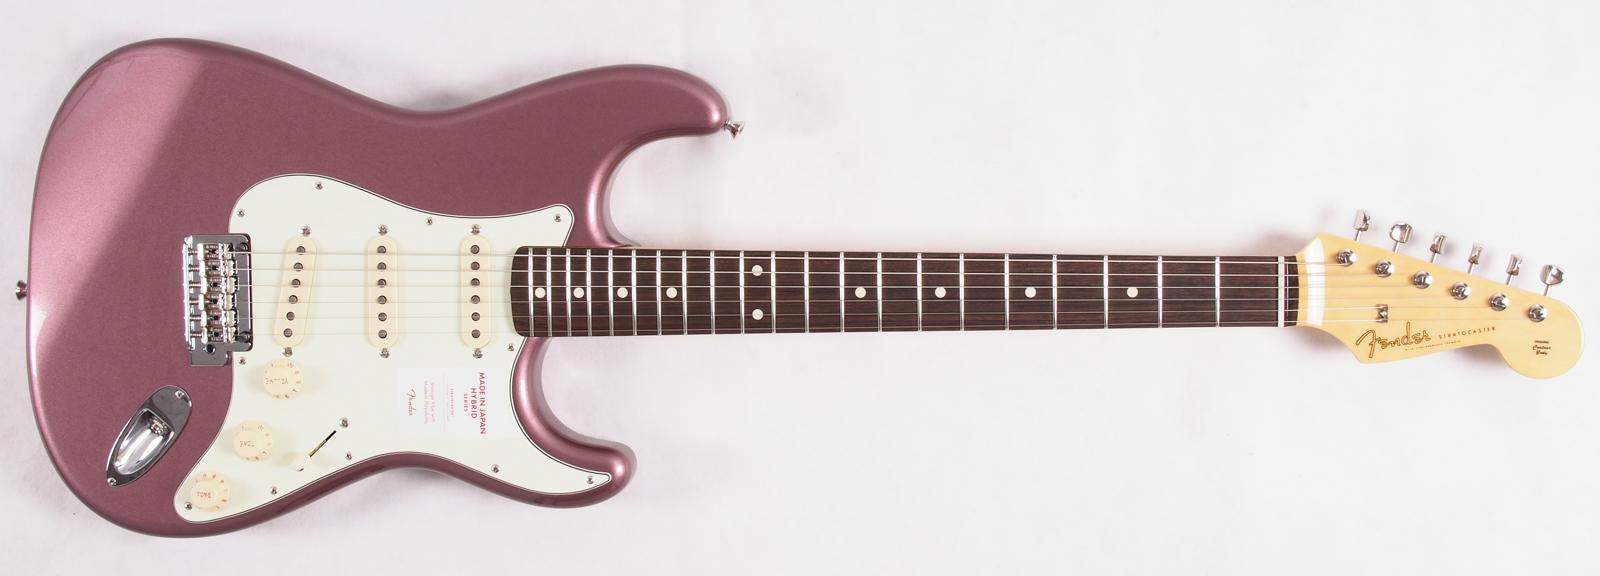 Fender FSR Japan Classic '60s Stratocaster Burgundy Mist Metallic